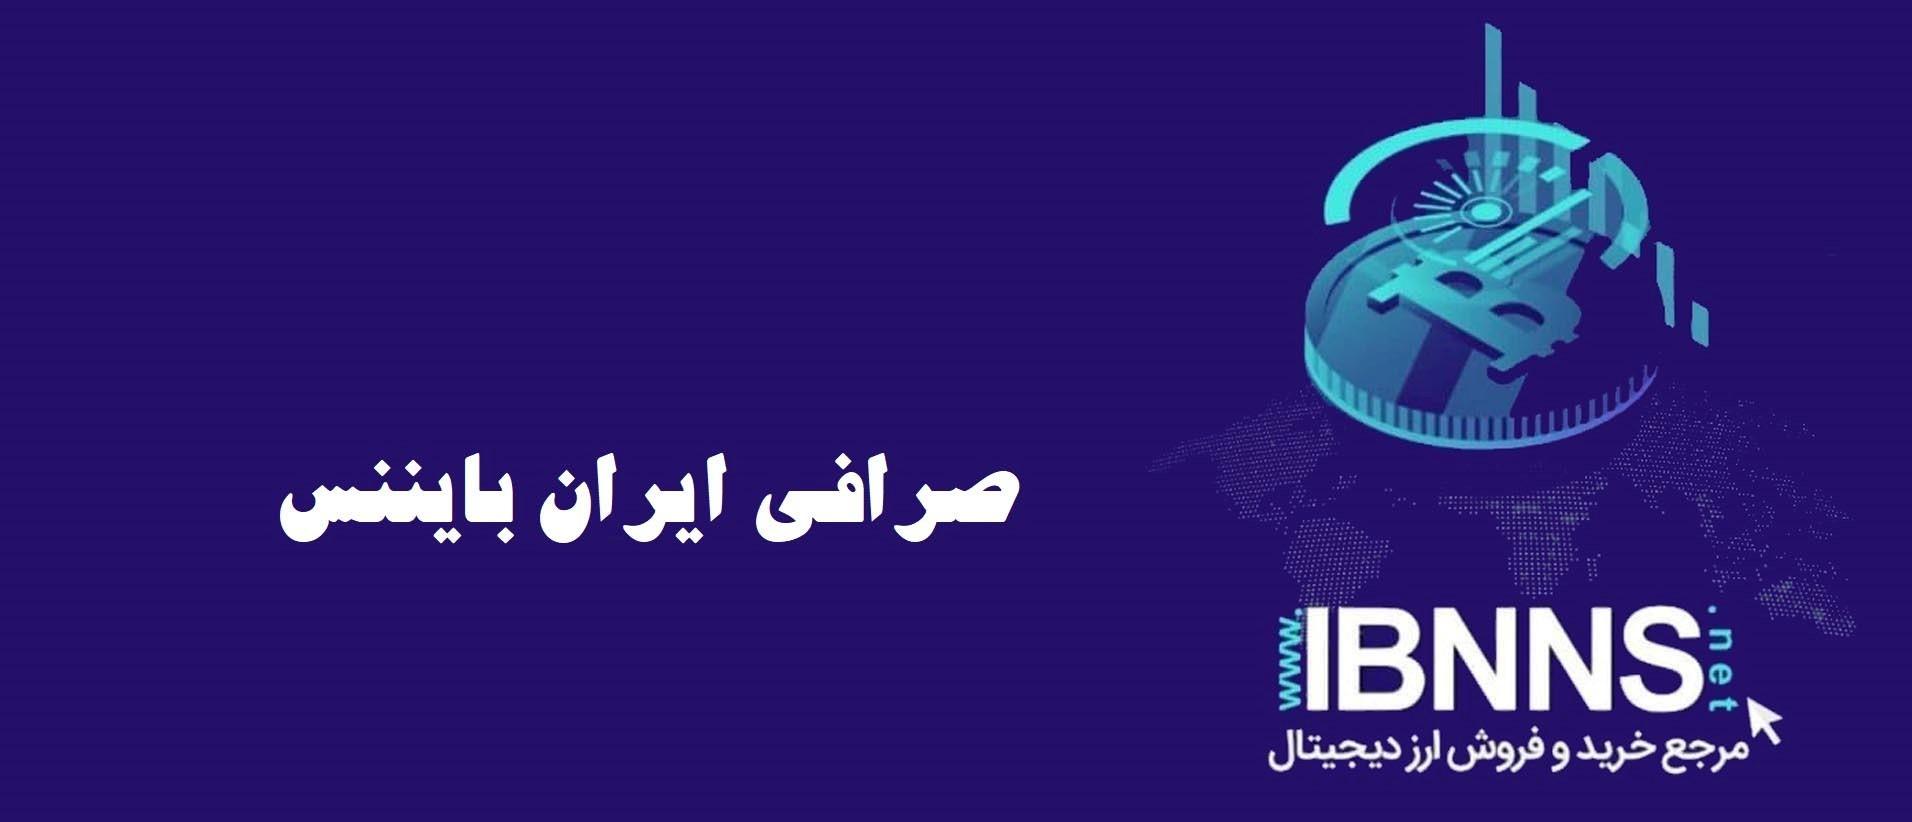 معرفی صرافی ارز دیجیتال ایران بایننس